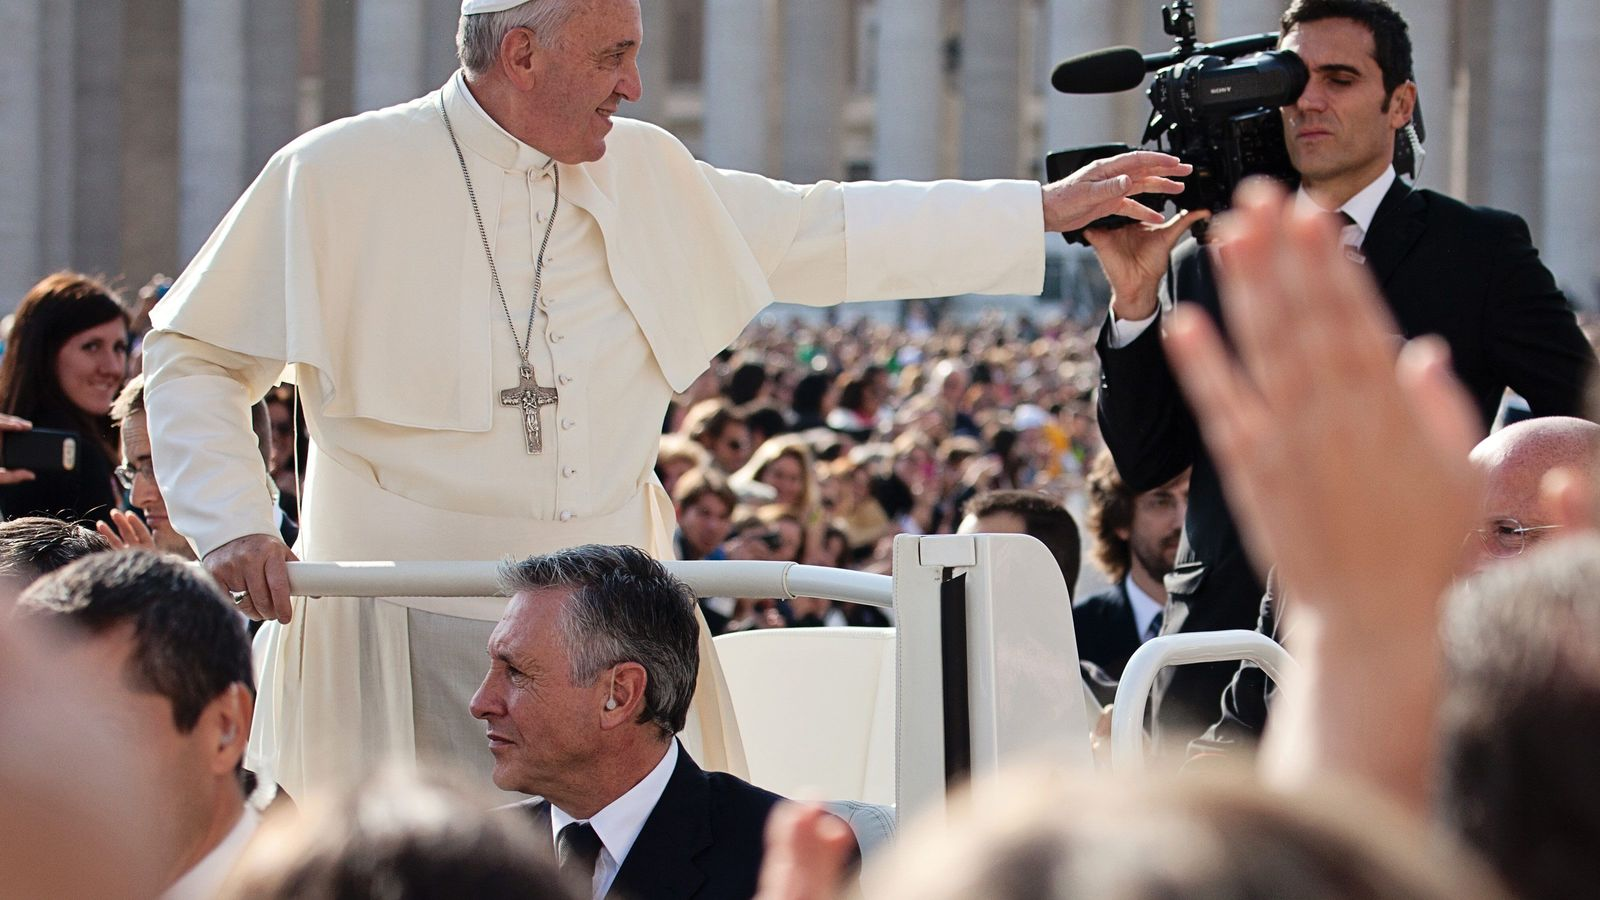 38年ぶりに来日する「ローマ法王」人気のヒミツ 弱者側に立ち、権力者に忖度しない